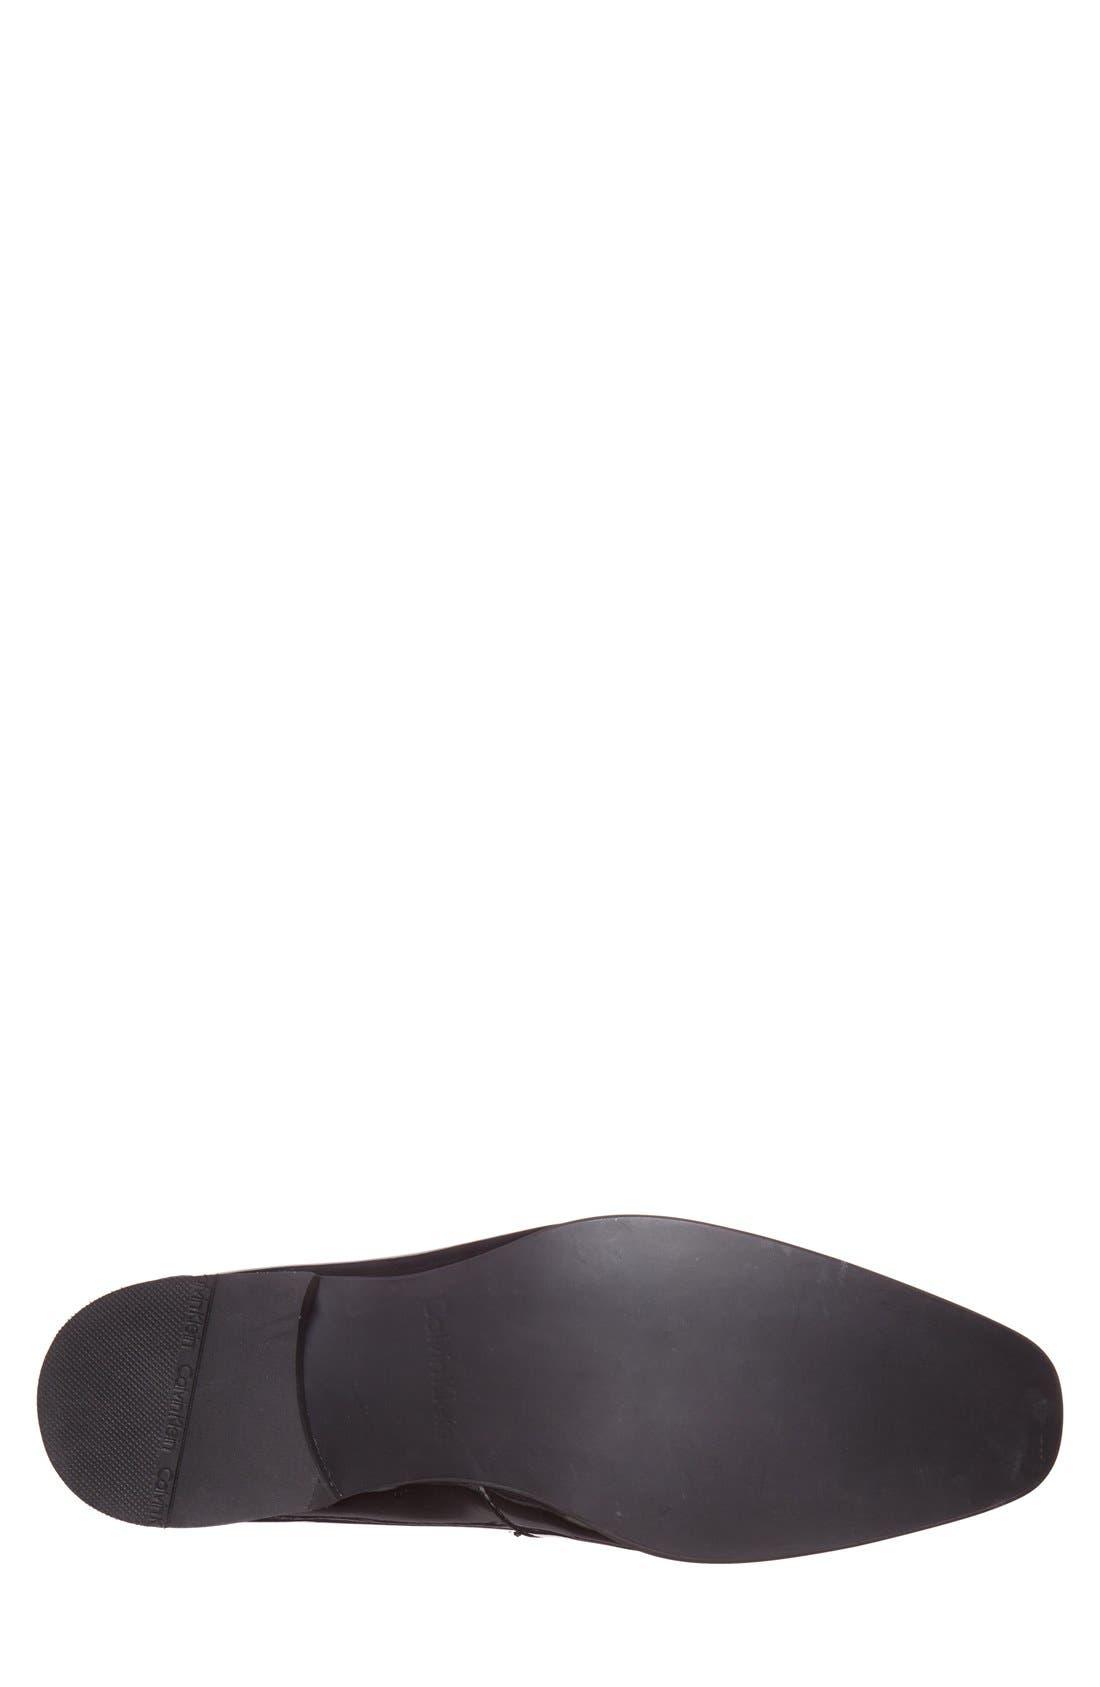 CALVIN KLEIN,                             'Bernard' Venetian Loafer,                             Alternate thumbnail 2, color,                             BLACK